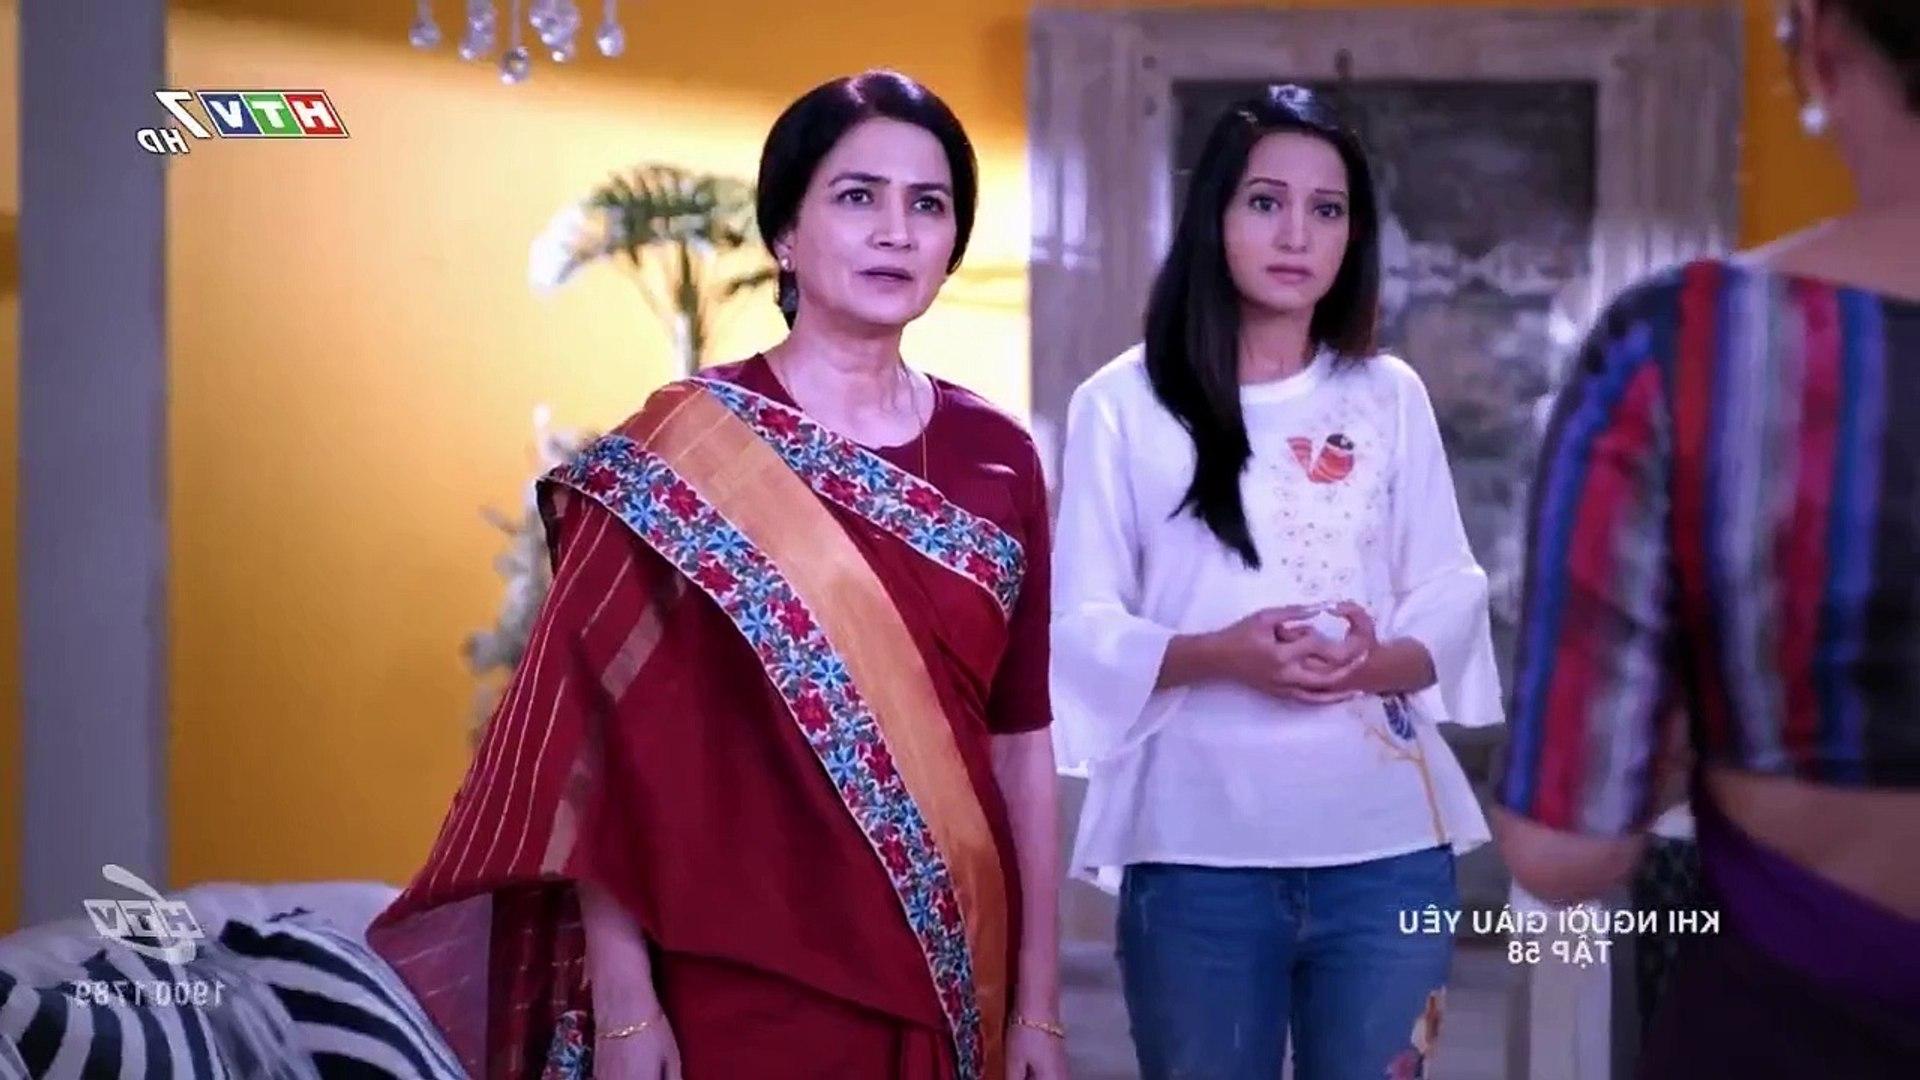 Khi Người Giàu Yêu Tập 58 - khi người giàu yêu tập 59 - HTV7 Lồng Tiếng - Phim Ấn Độ - Phim Khi Nguo